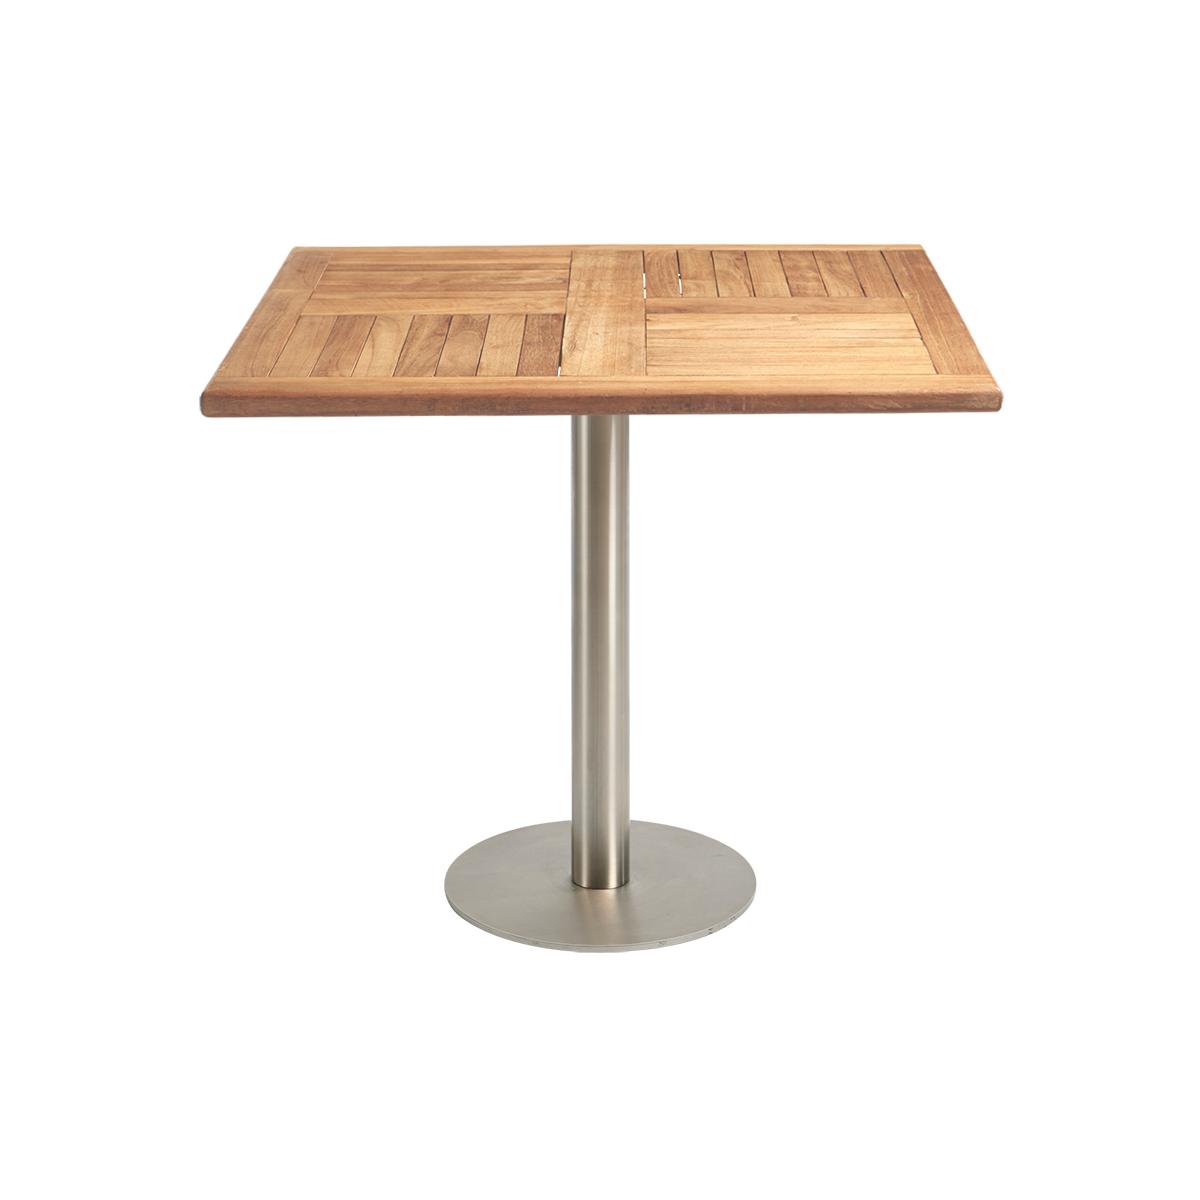 dieeventausstatter Sitztisch Modern Platte Teakholz eckig